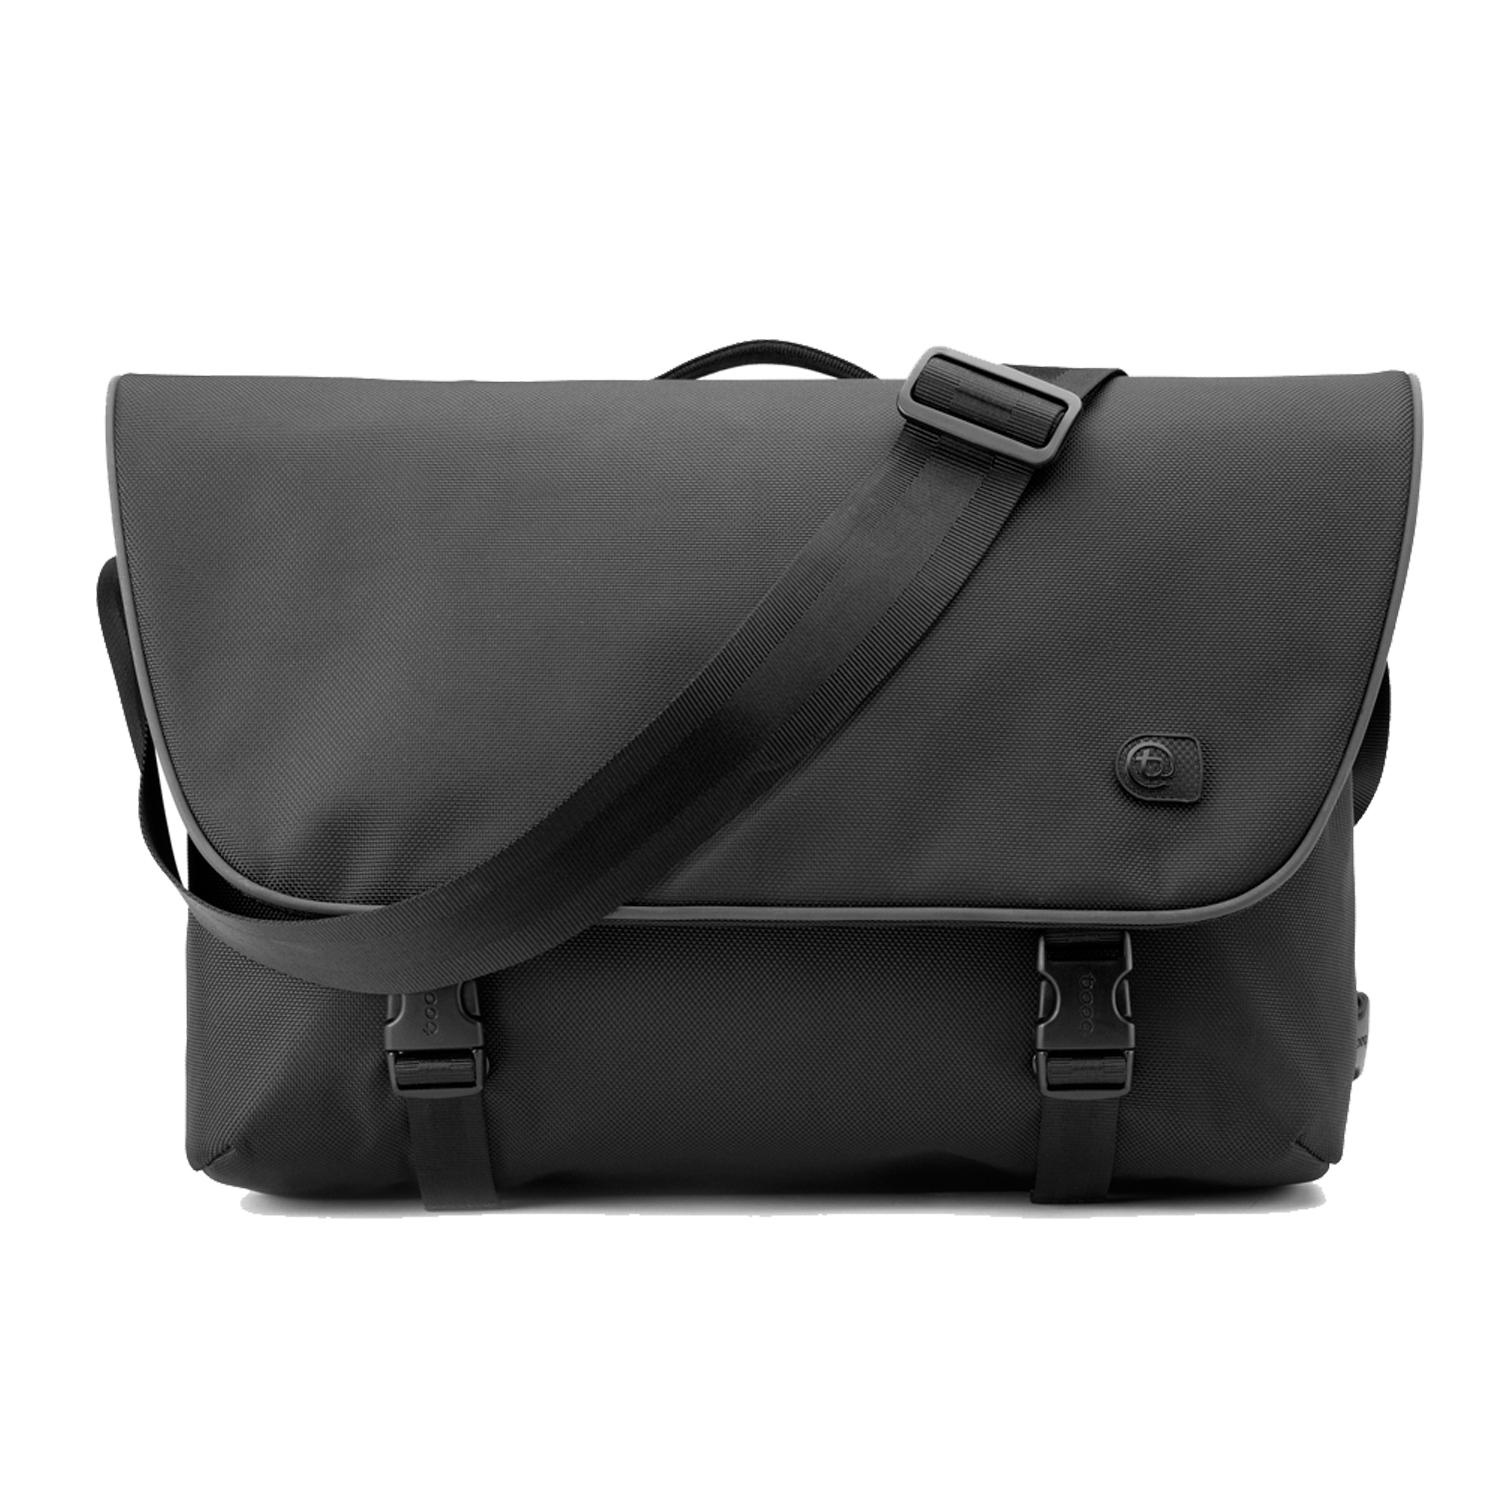 Booq Boa Courier 13 Black Geanta Laptop 13